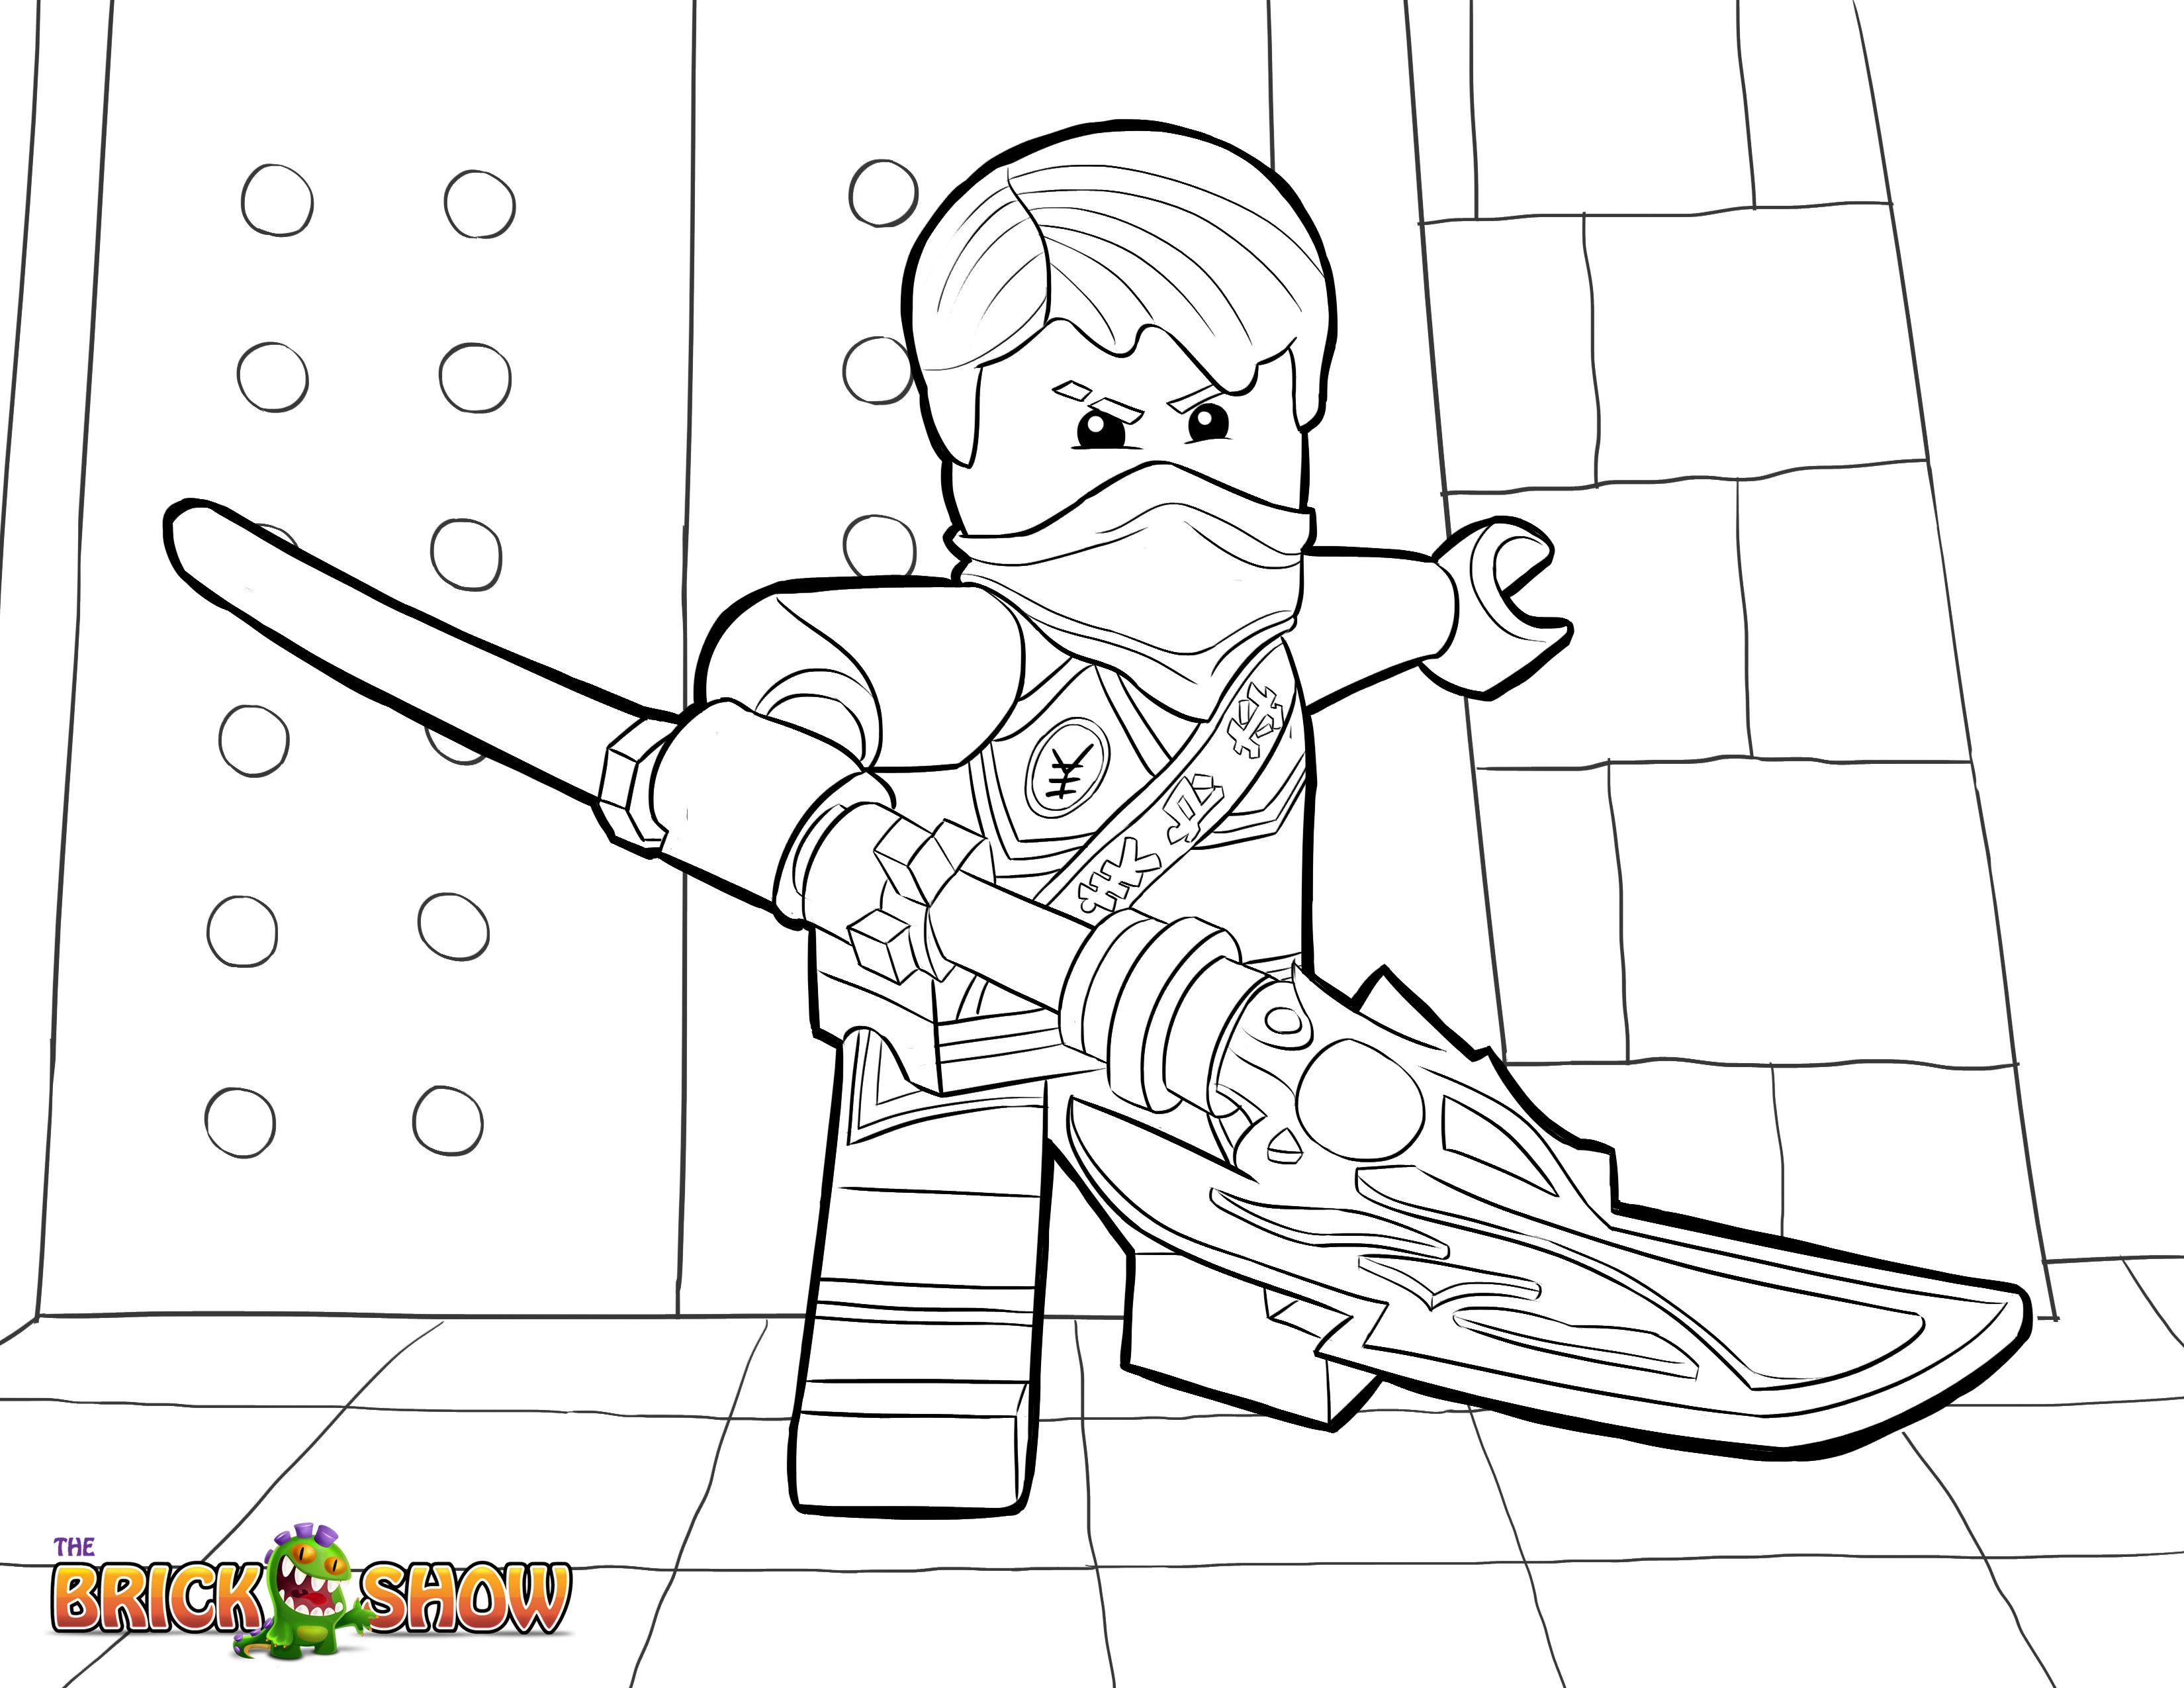 Lego Ninjago Coloring Page, Lego Lego Ninjago Jay intérieur Coloriage Ninjago